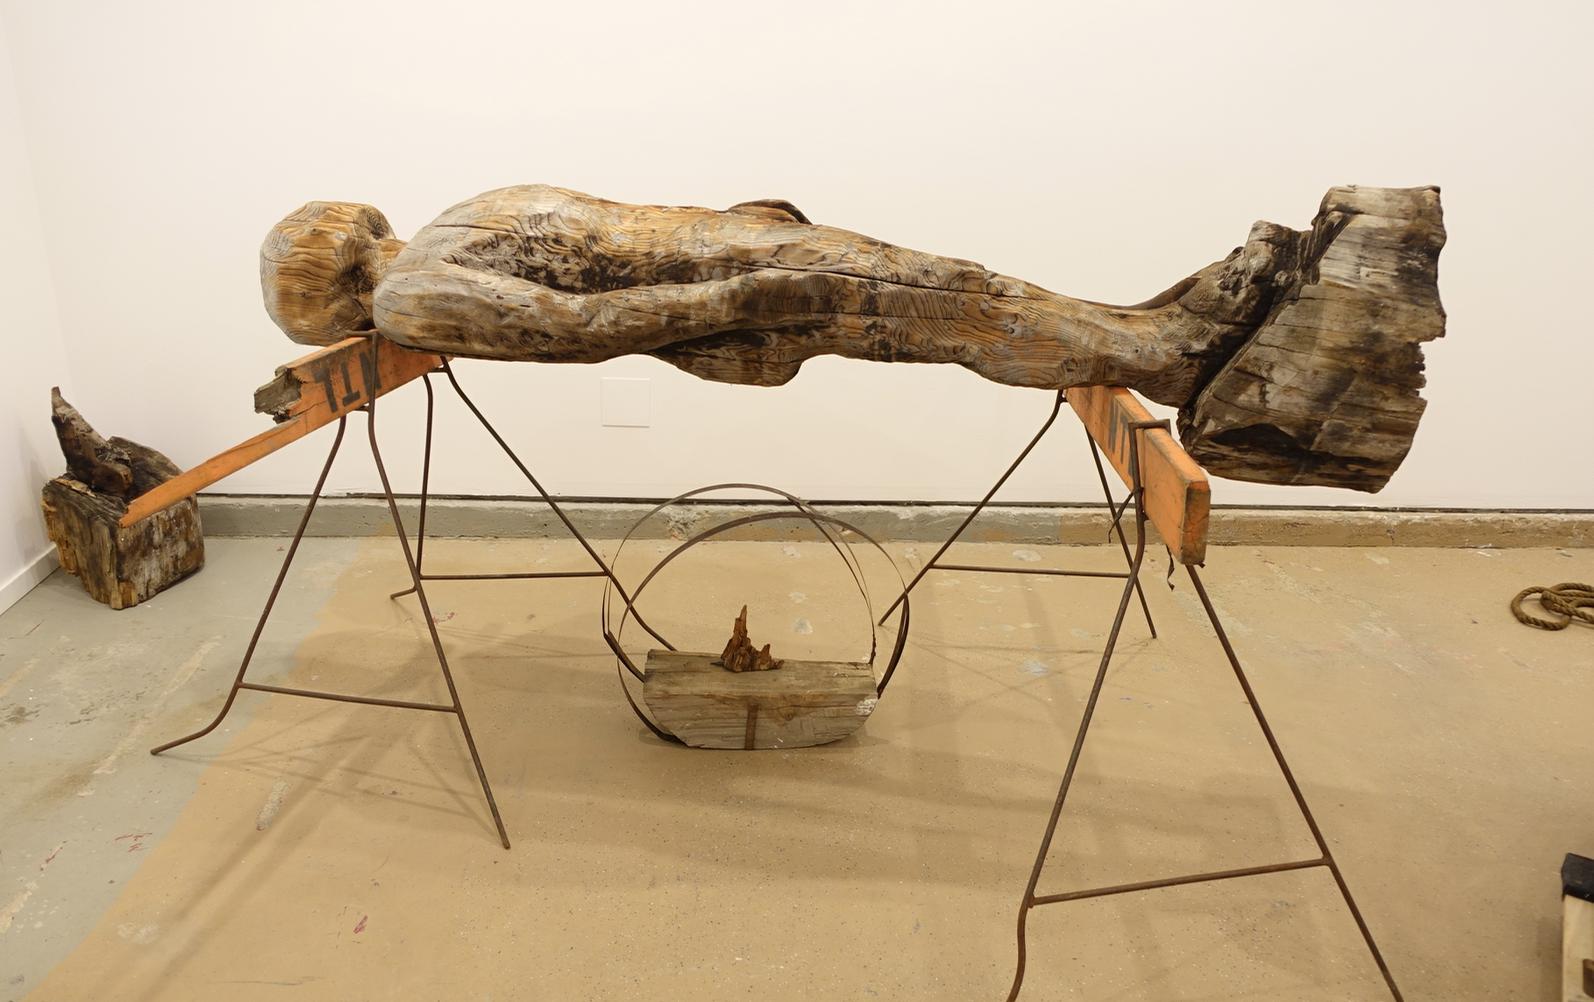 Jarvis Hall Gallery 's Peter von Tiesenahausen exhibition